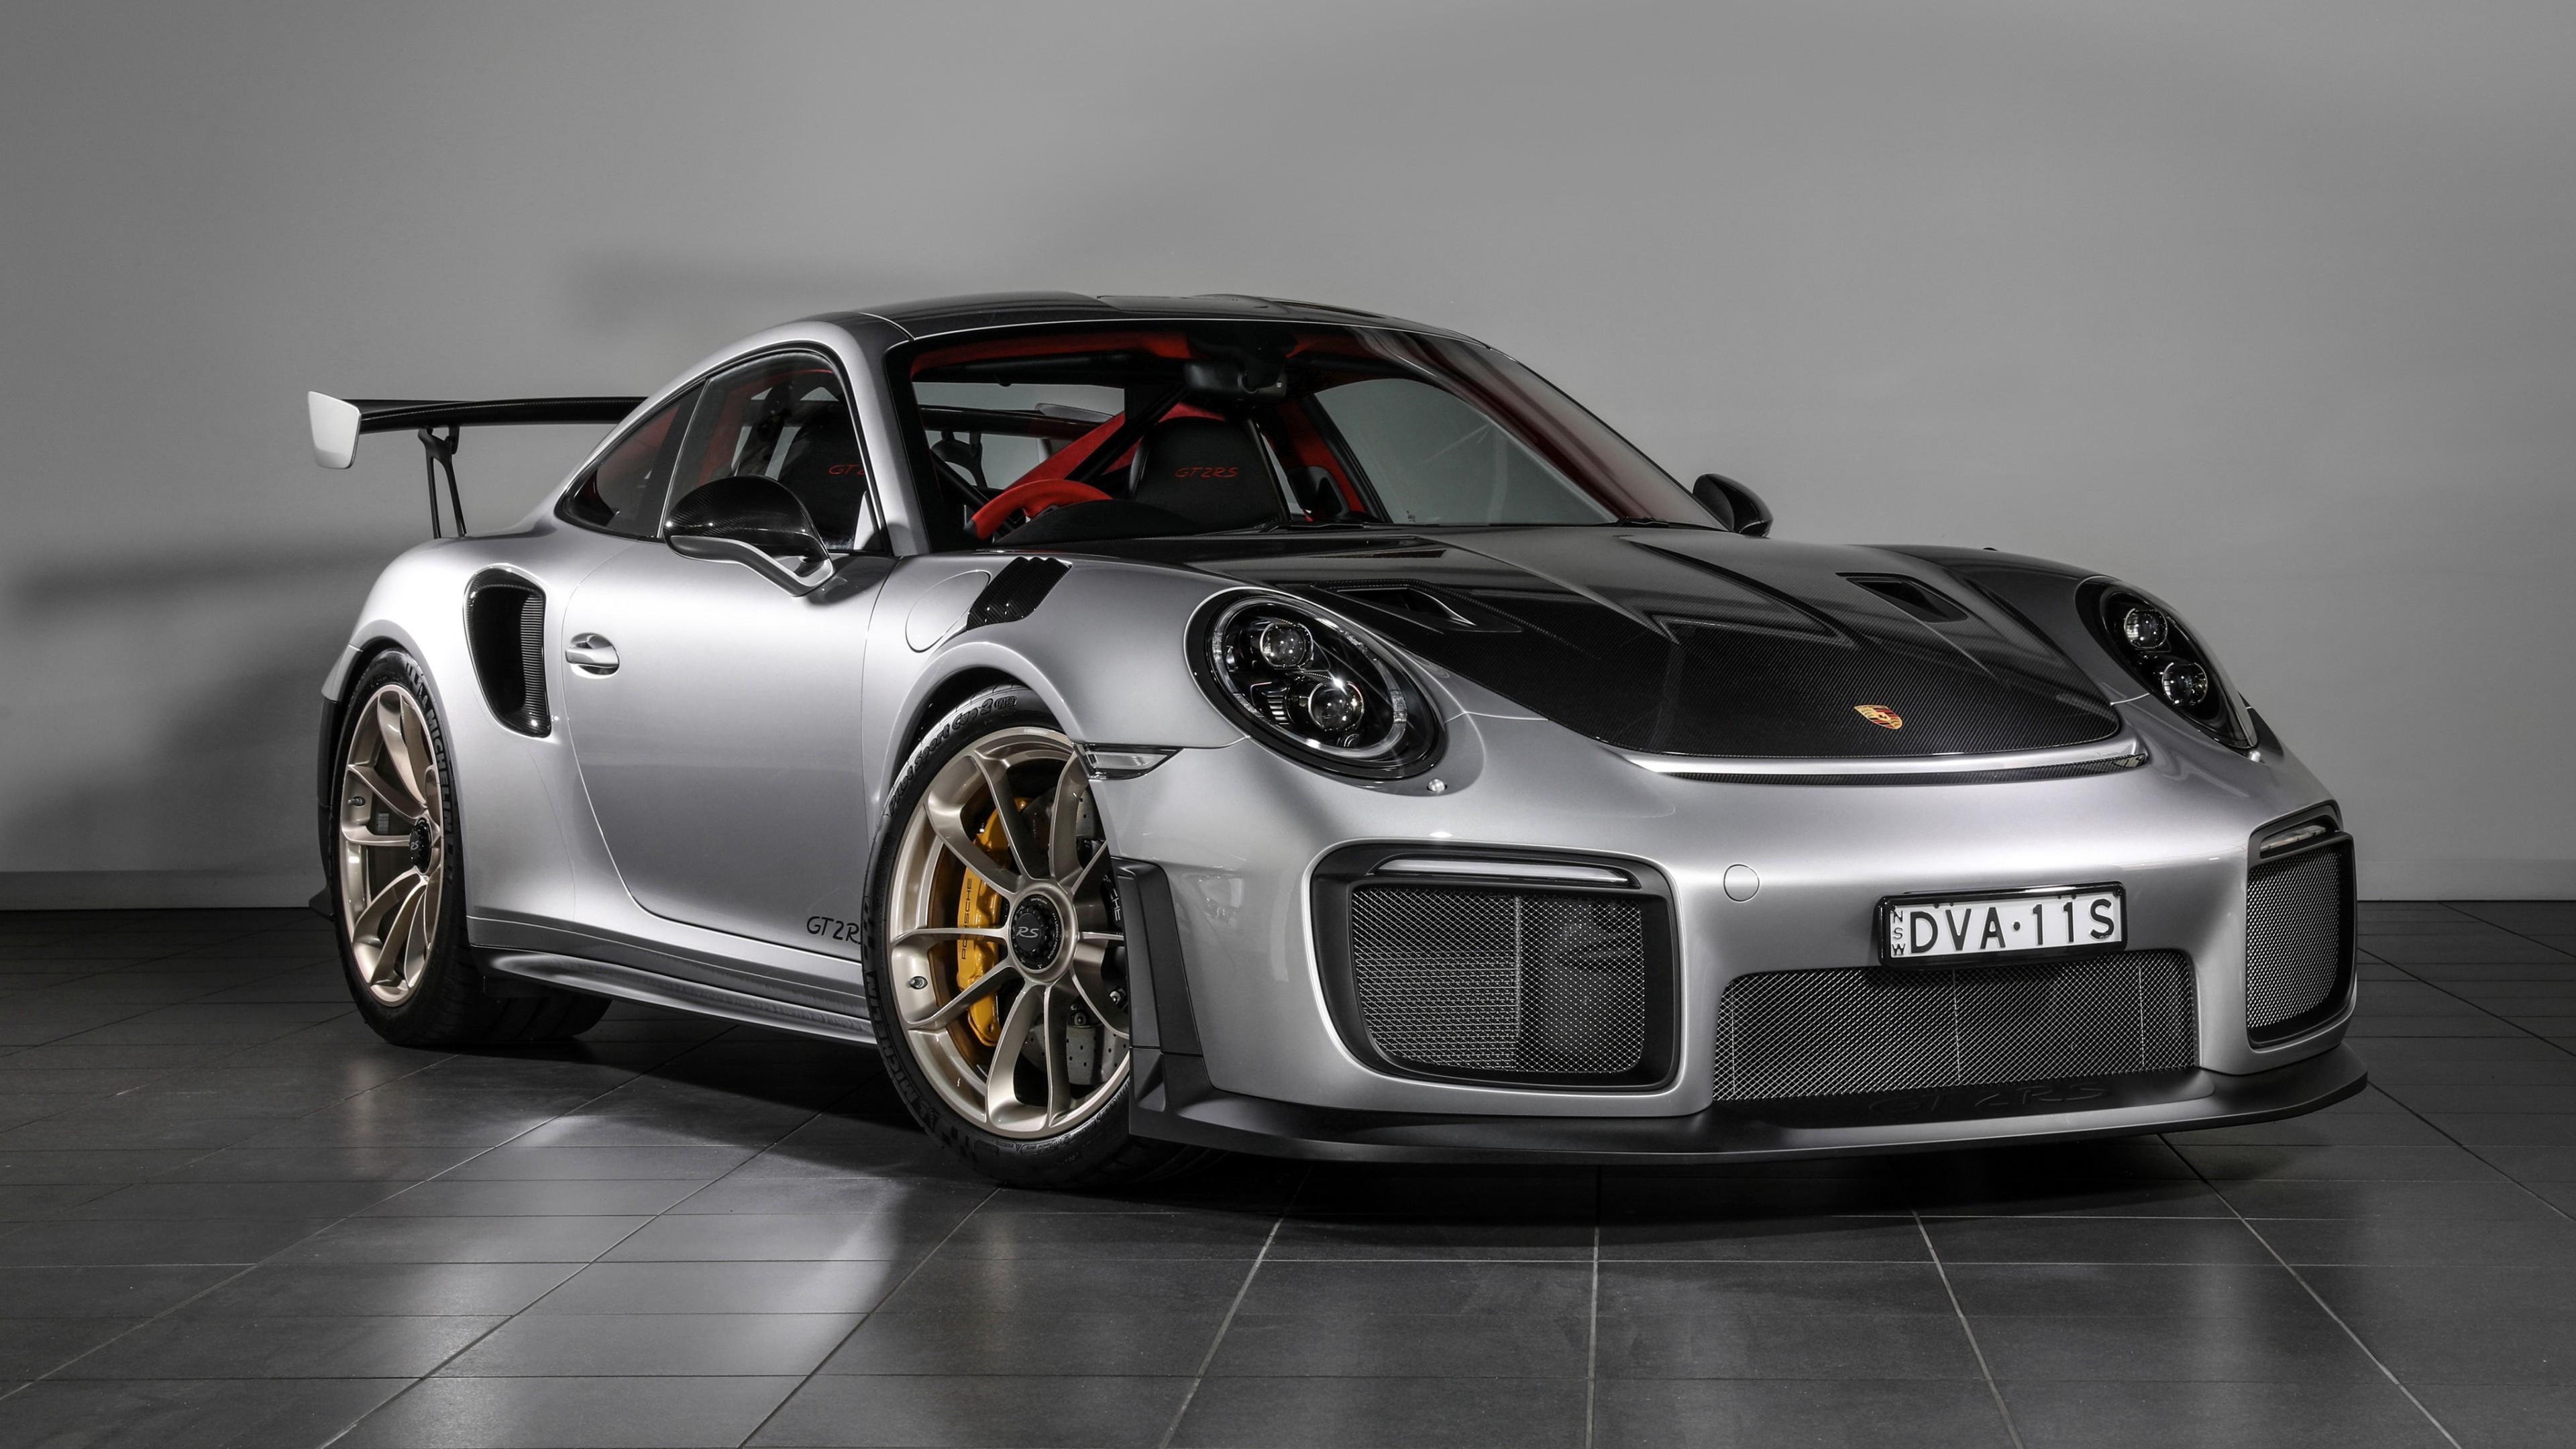 2018 Porsche 911 Gt2 Rs 4k Wallpaper Hd Car Wallpapers Id 10096